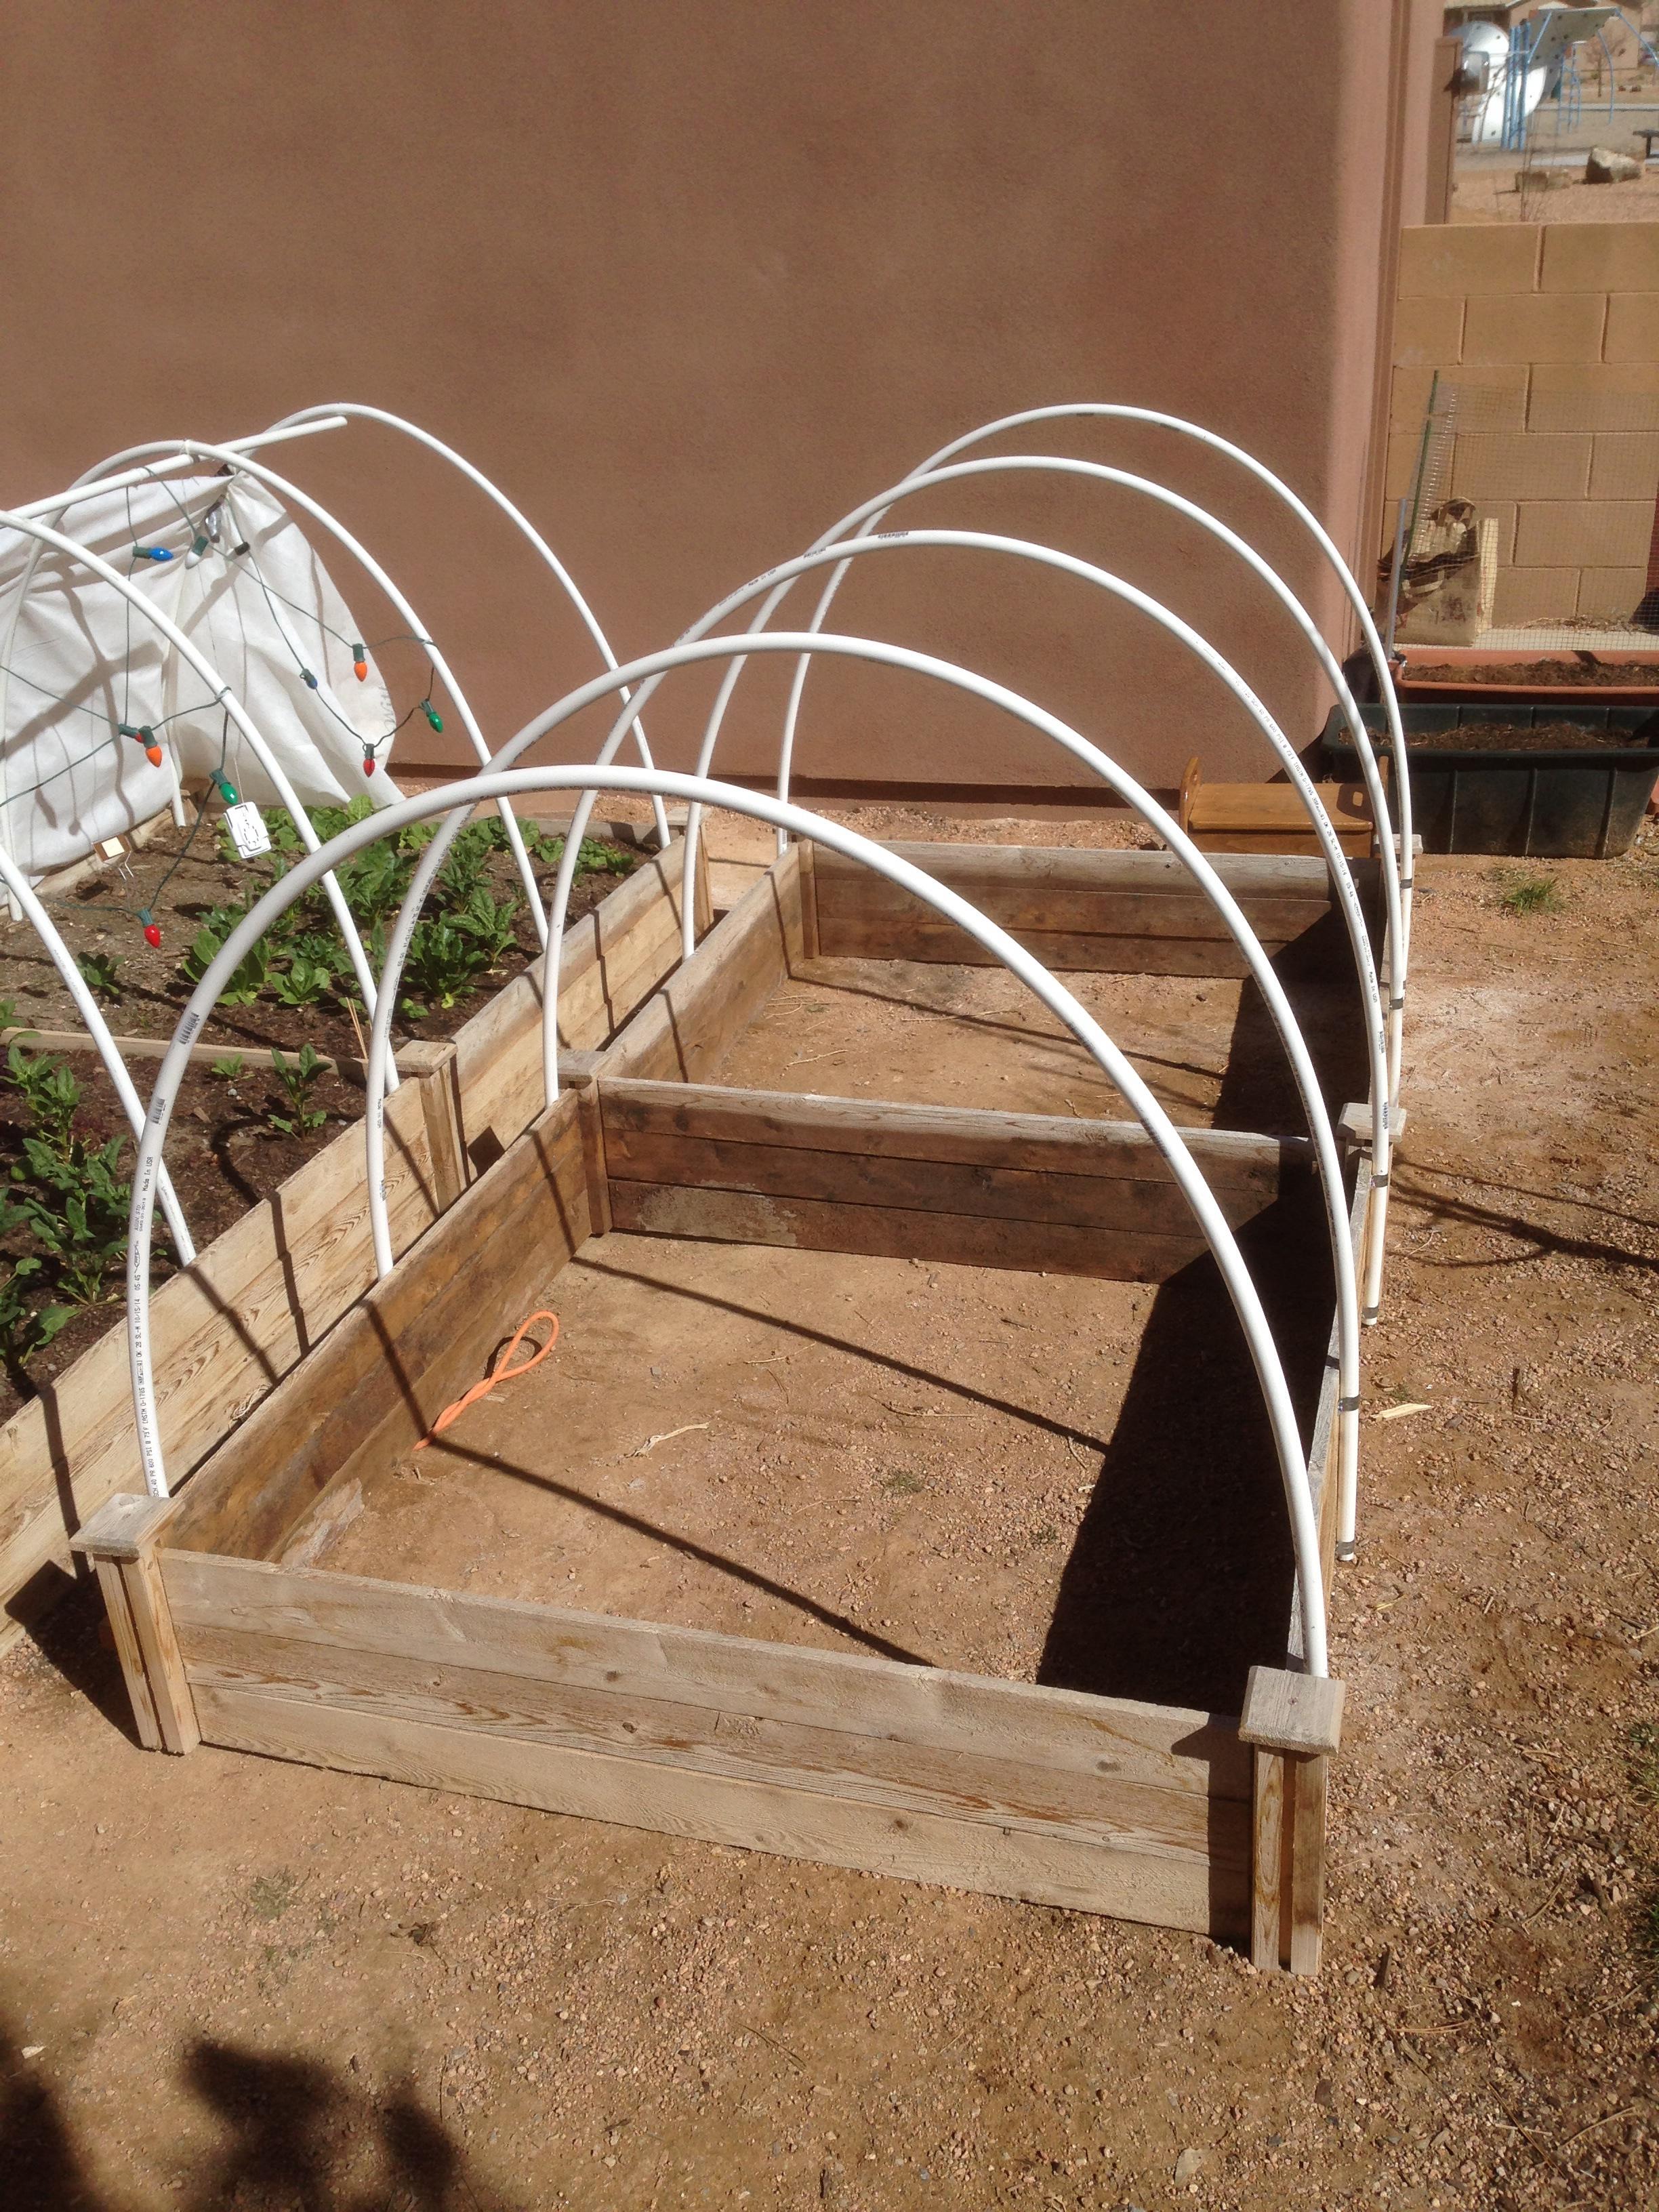 Santa Fe Hoop House Garden